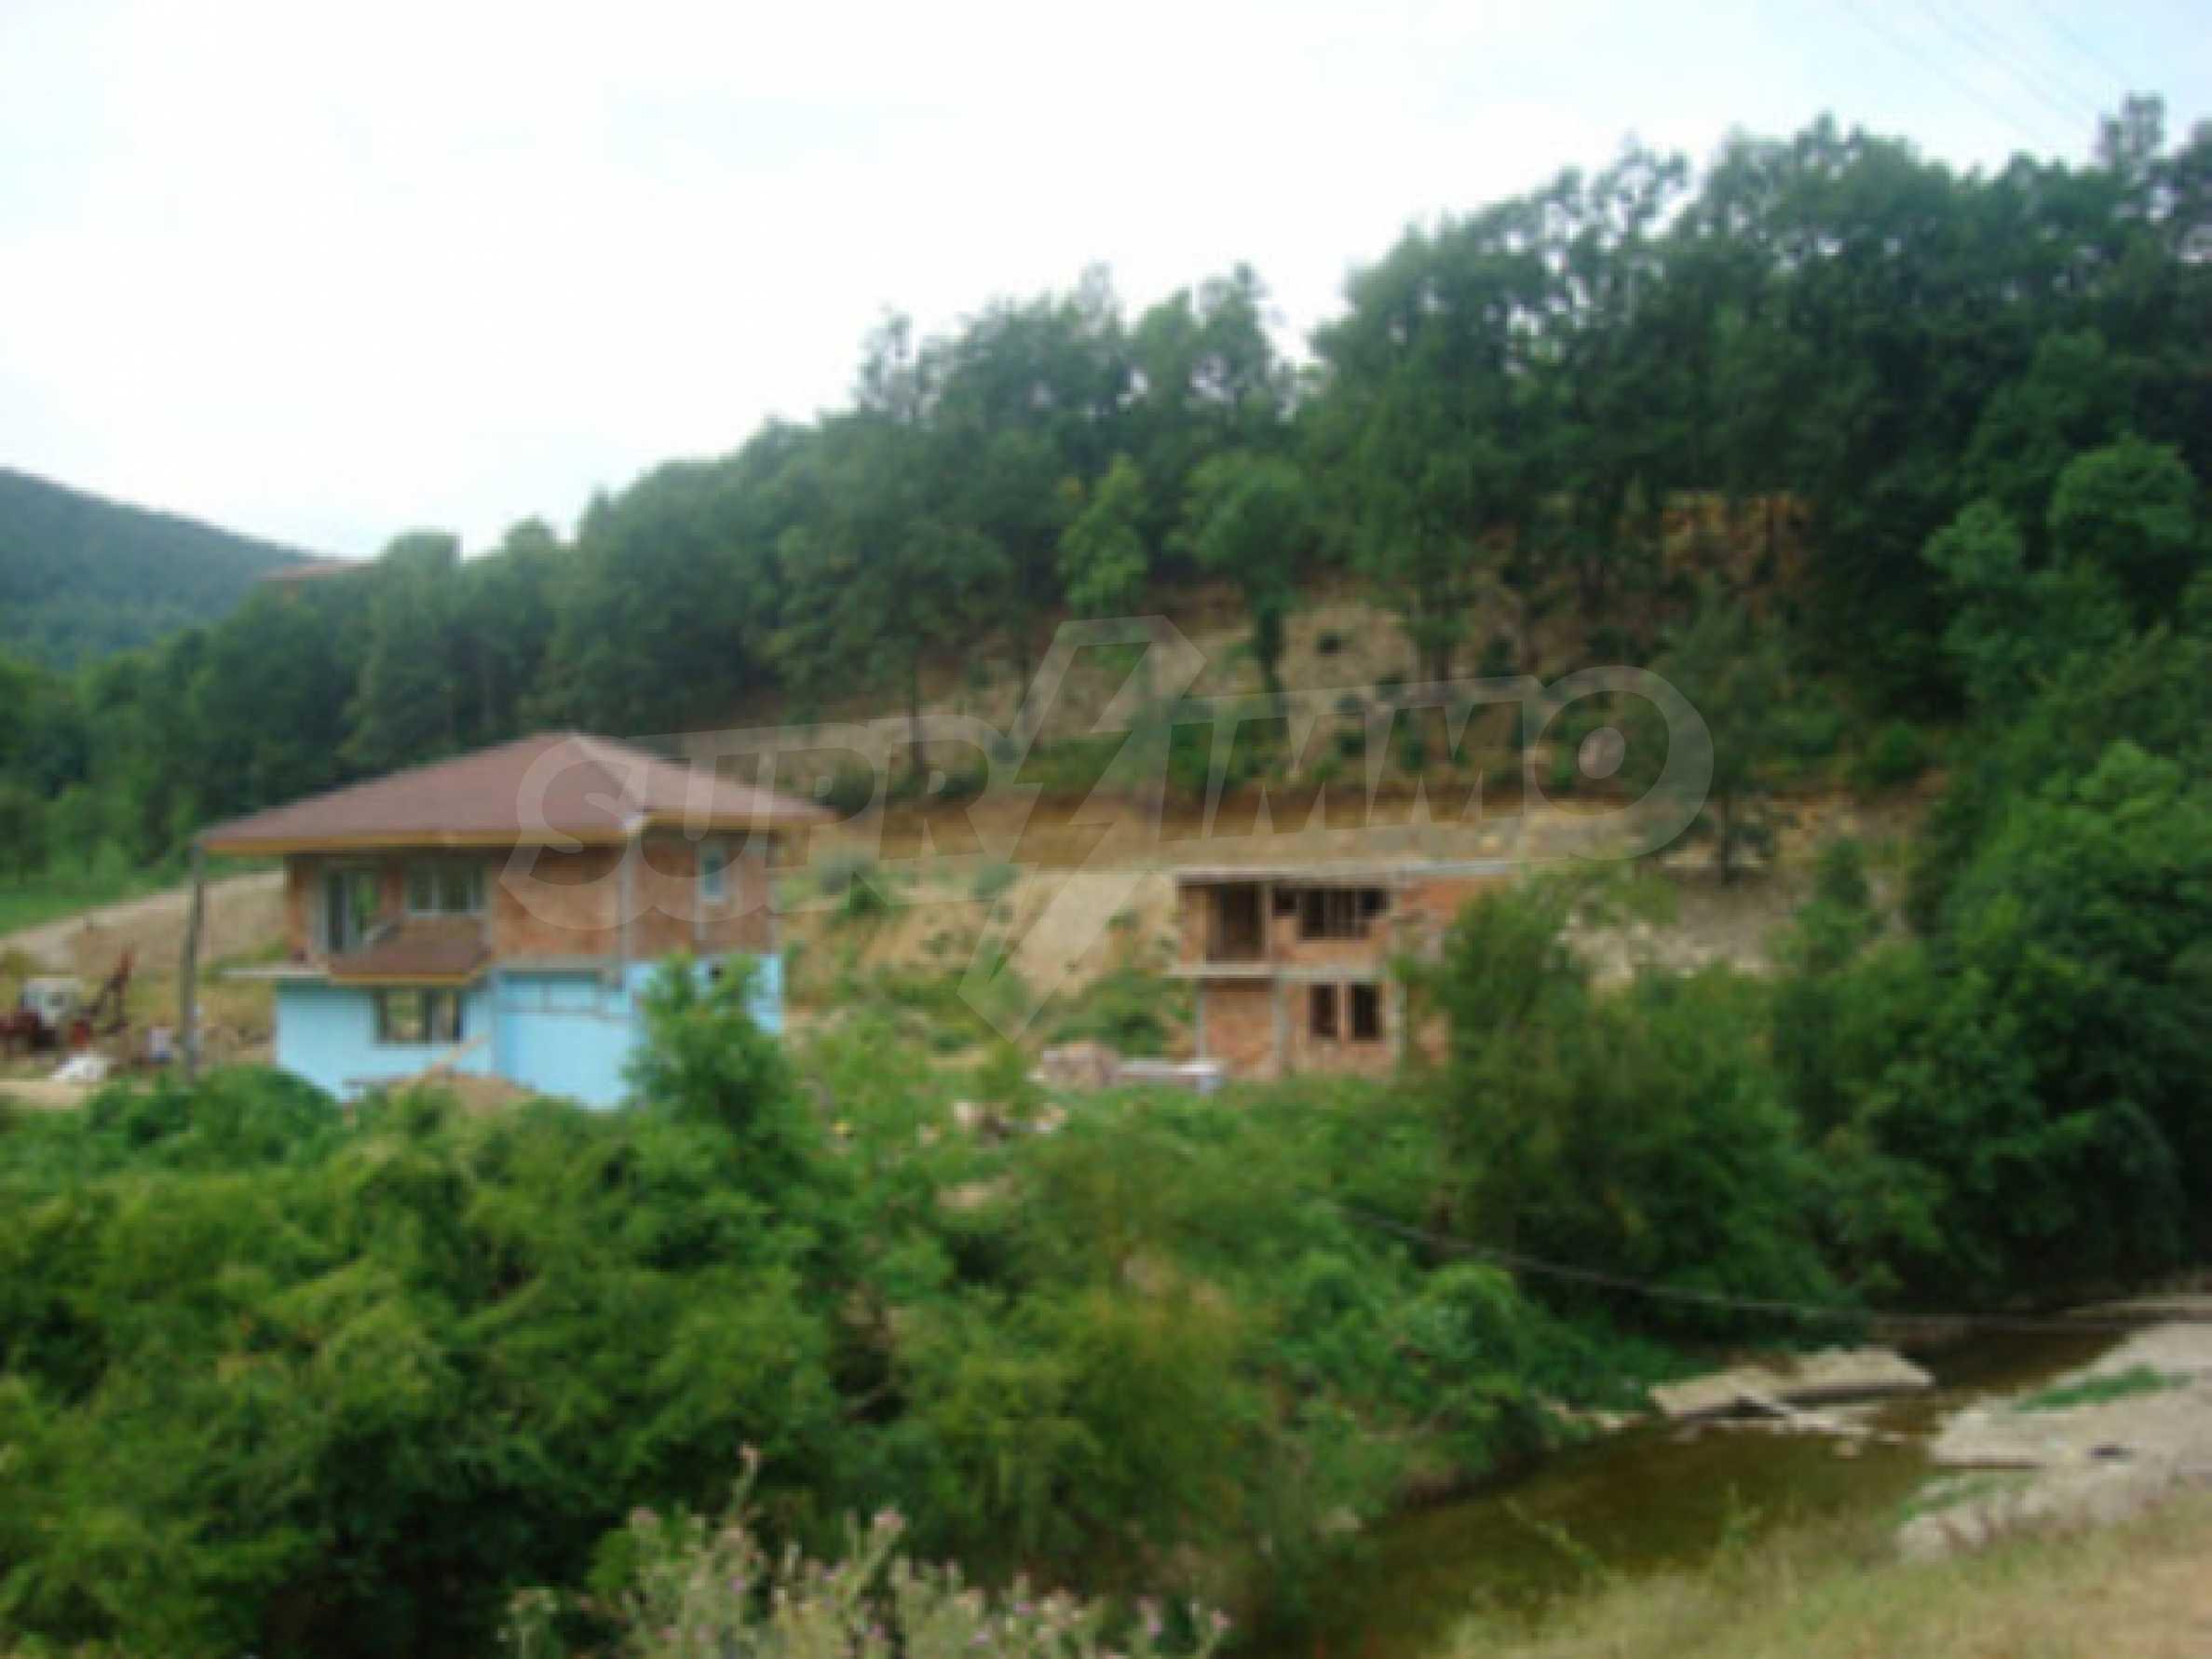 Feriendorfprojekt in der Nähe von Teteven 2